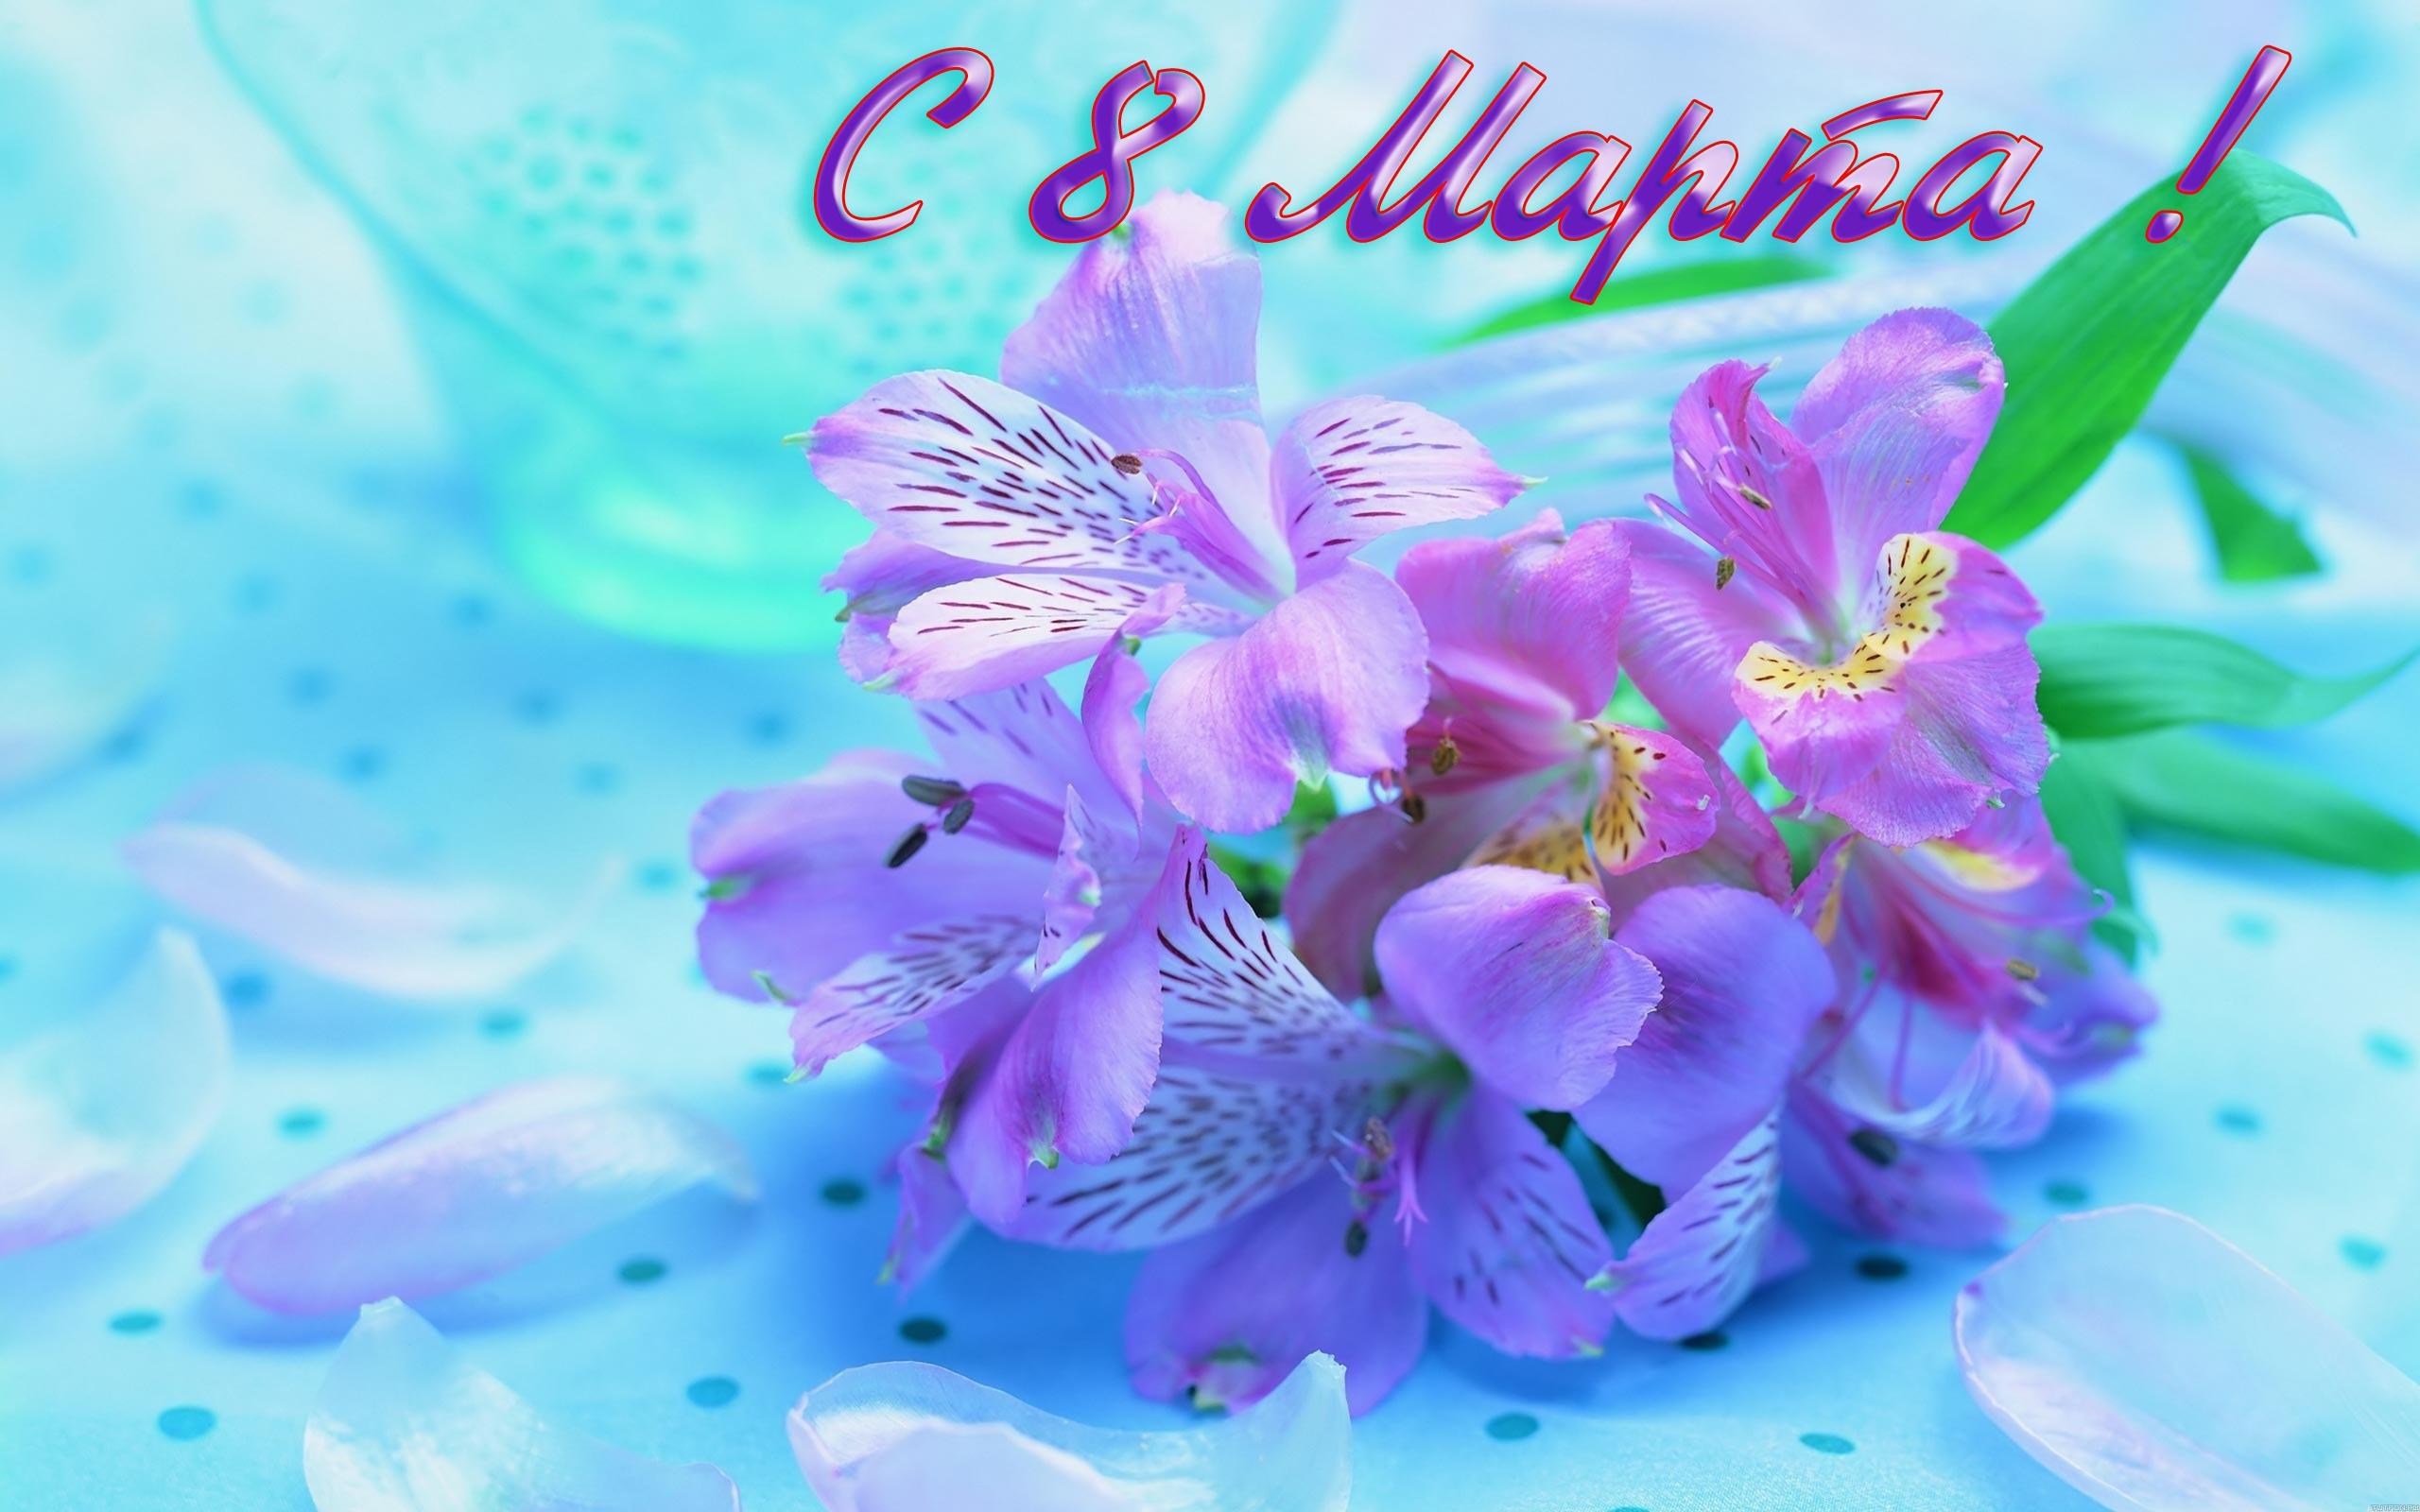 Скачать заставки на рабочий стол цветы на 8 марта металлический подарок на 8 марта